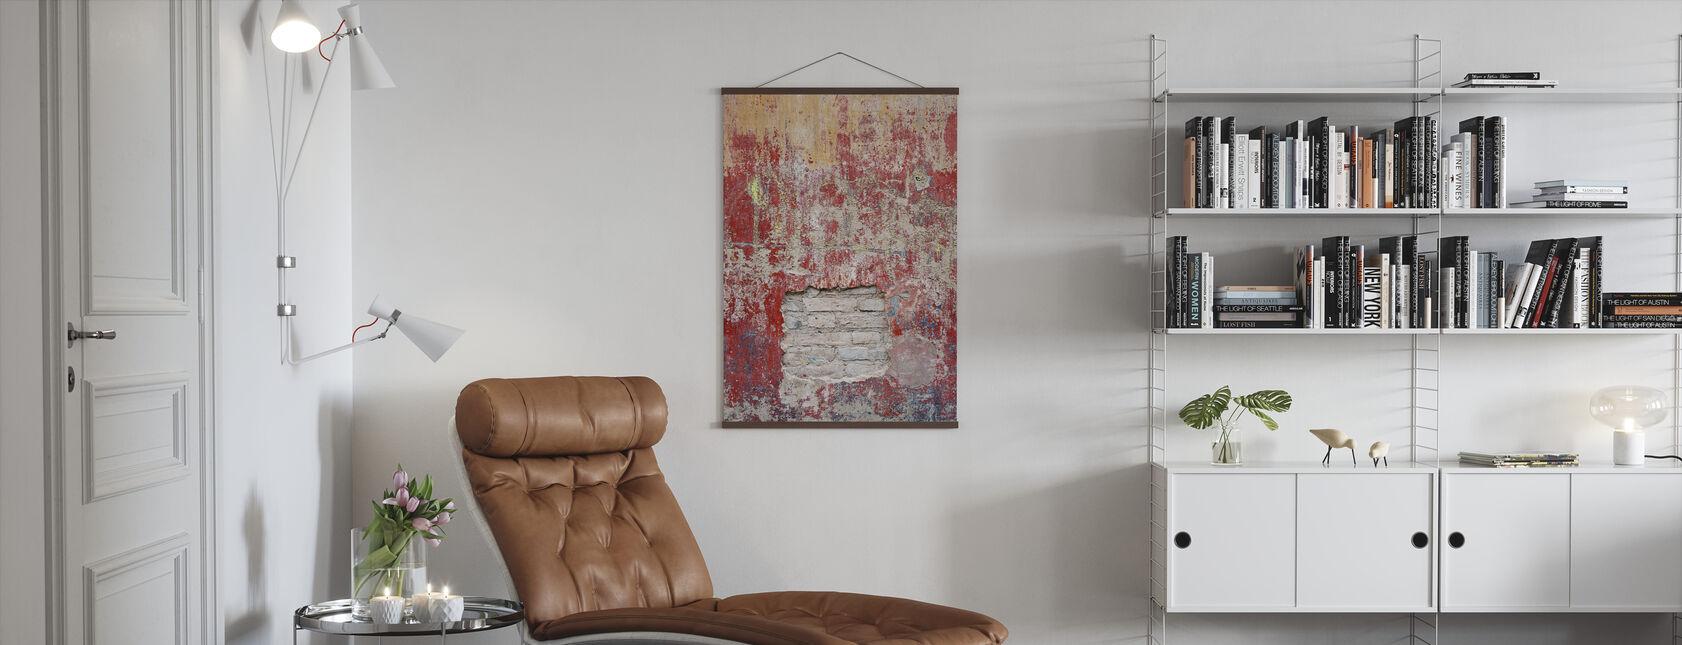 Pared de cemento viejo rojizo - Póster - Salón